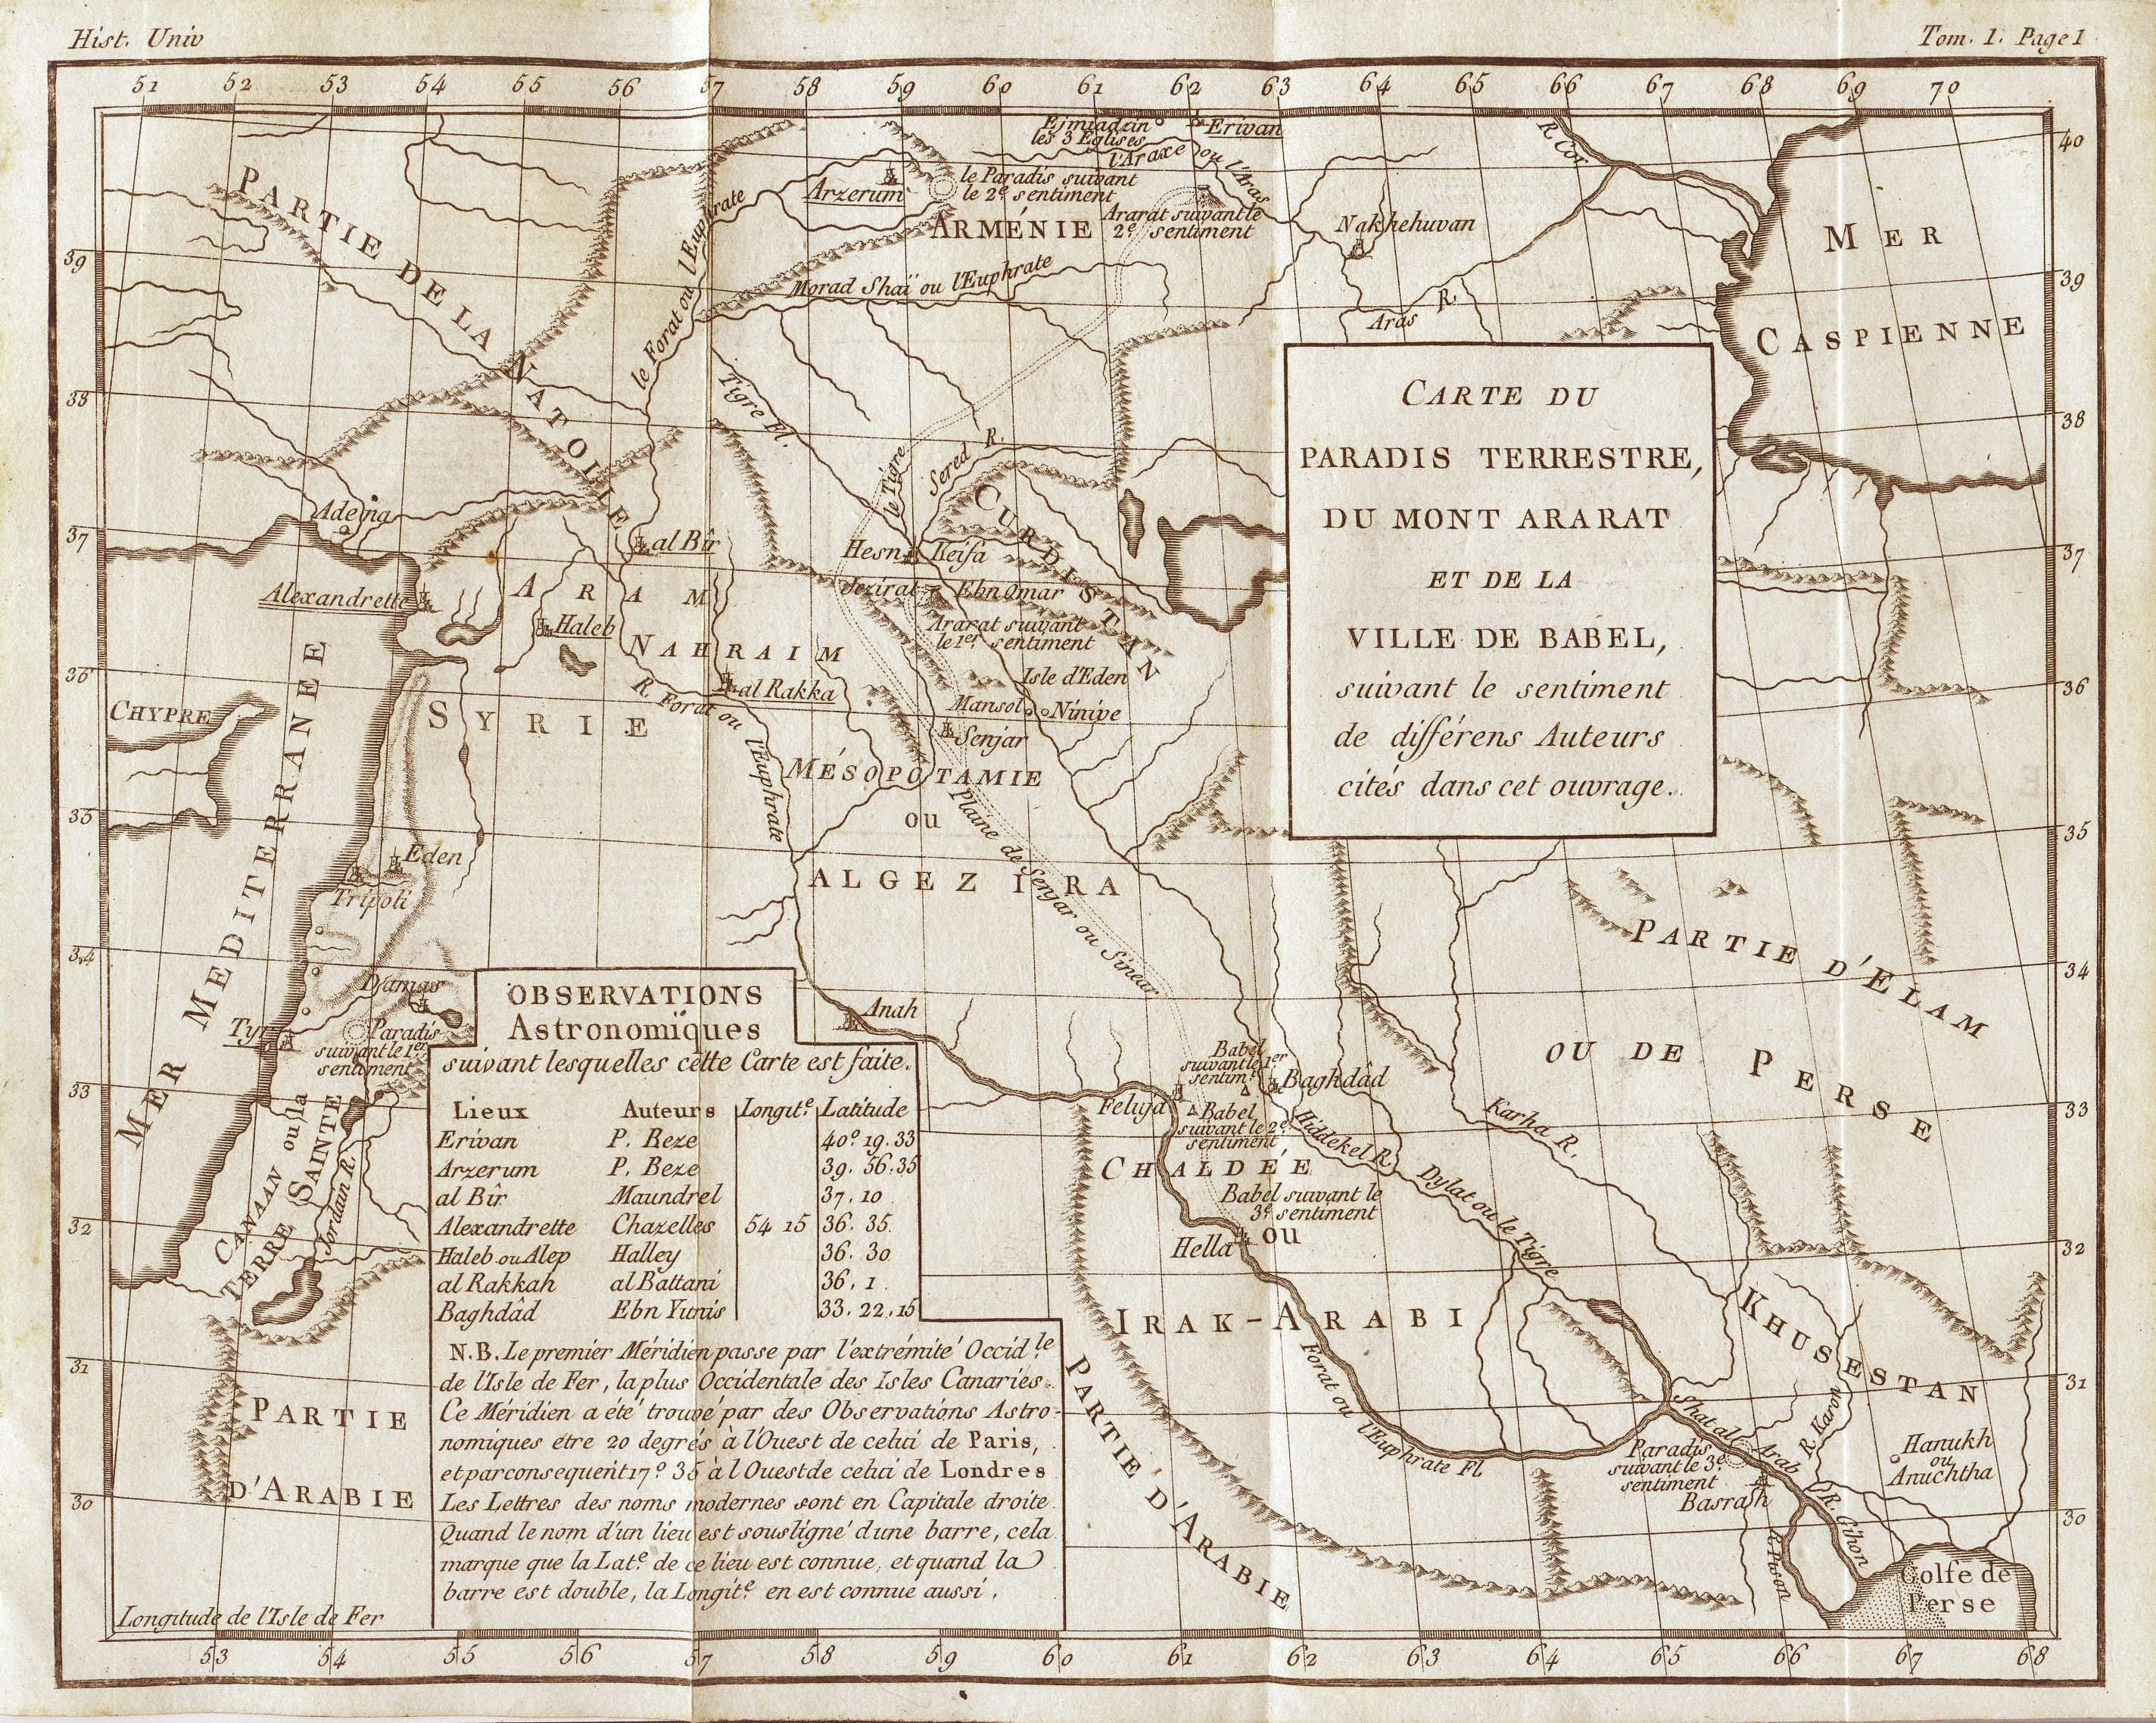 The Terrestrial Paradise (c.1780) by Louis Brion de la Tour from the 'Histoire Universelle depuis le Commencement du Monde'